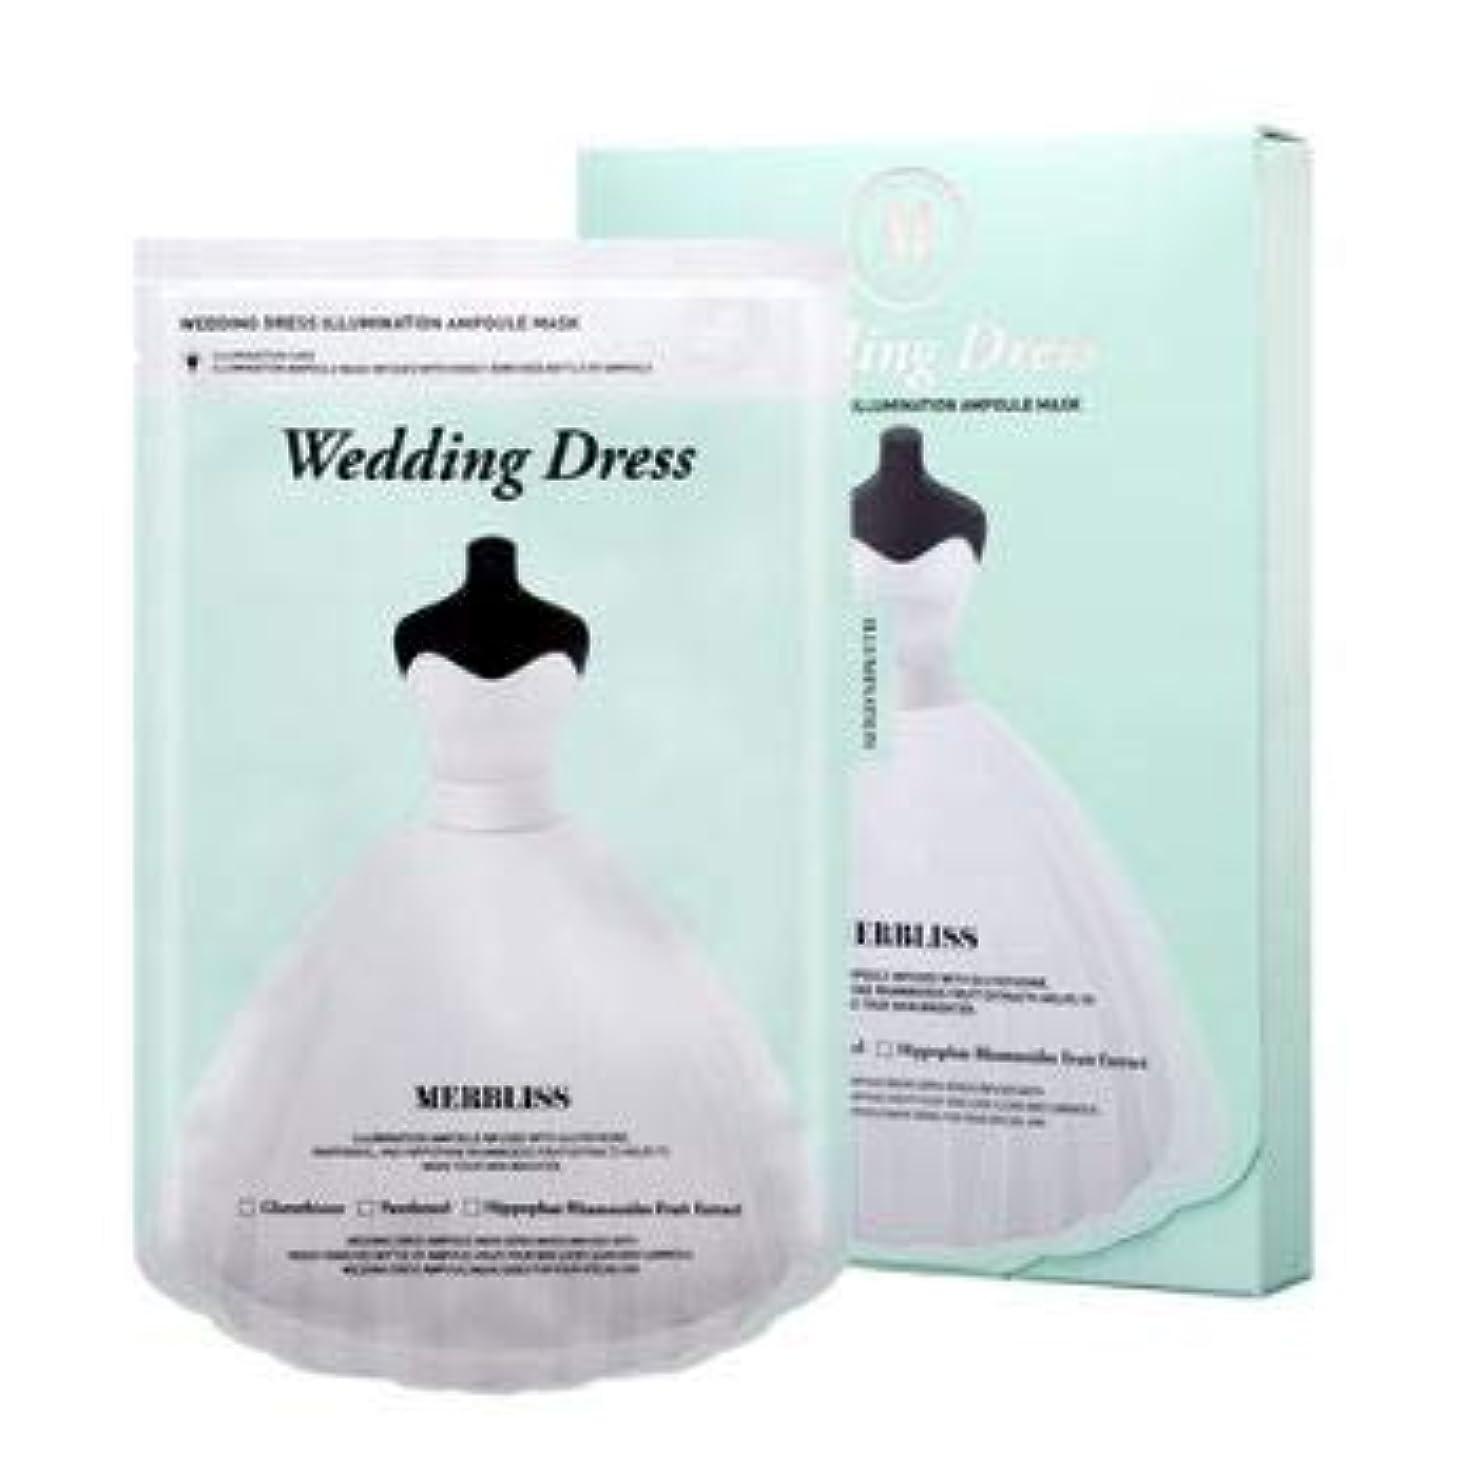 ミリメーター宙返りアクロバット[Merbliss] Wedding Dress Illumination Ampoule Mask 25gx5ea /ウェディングドレスイルミネーションアンプルマスク25gx5枚 [並行輸入品]